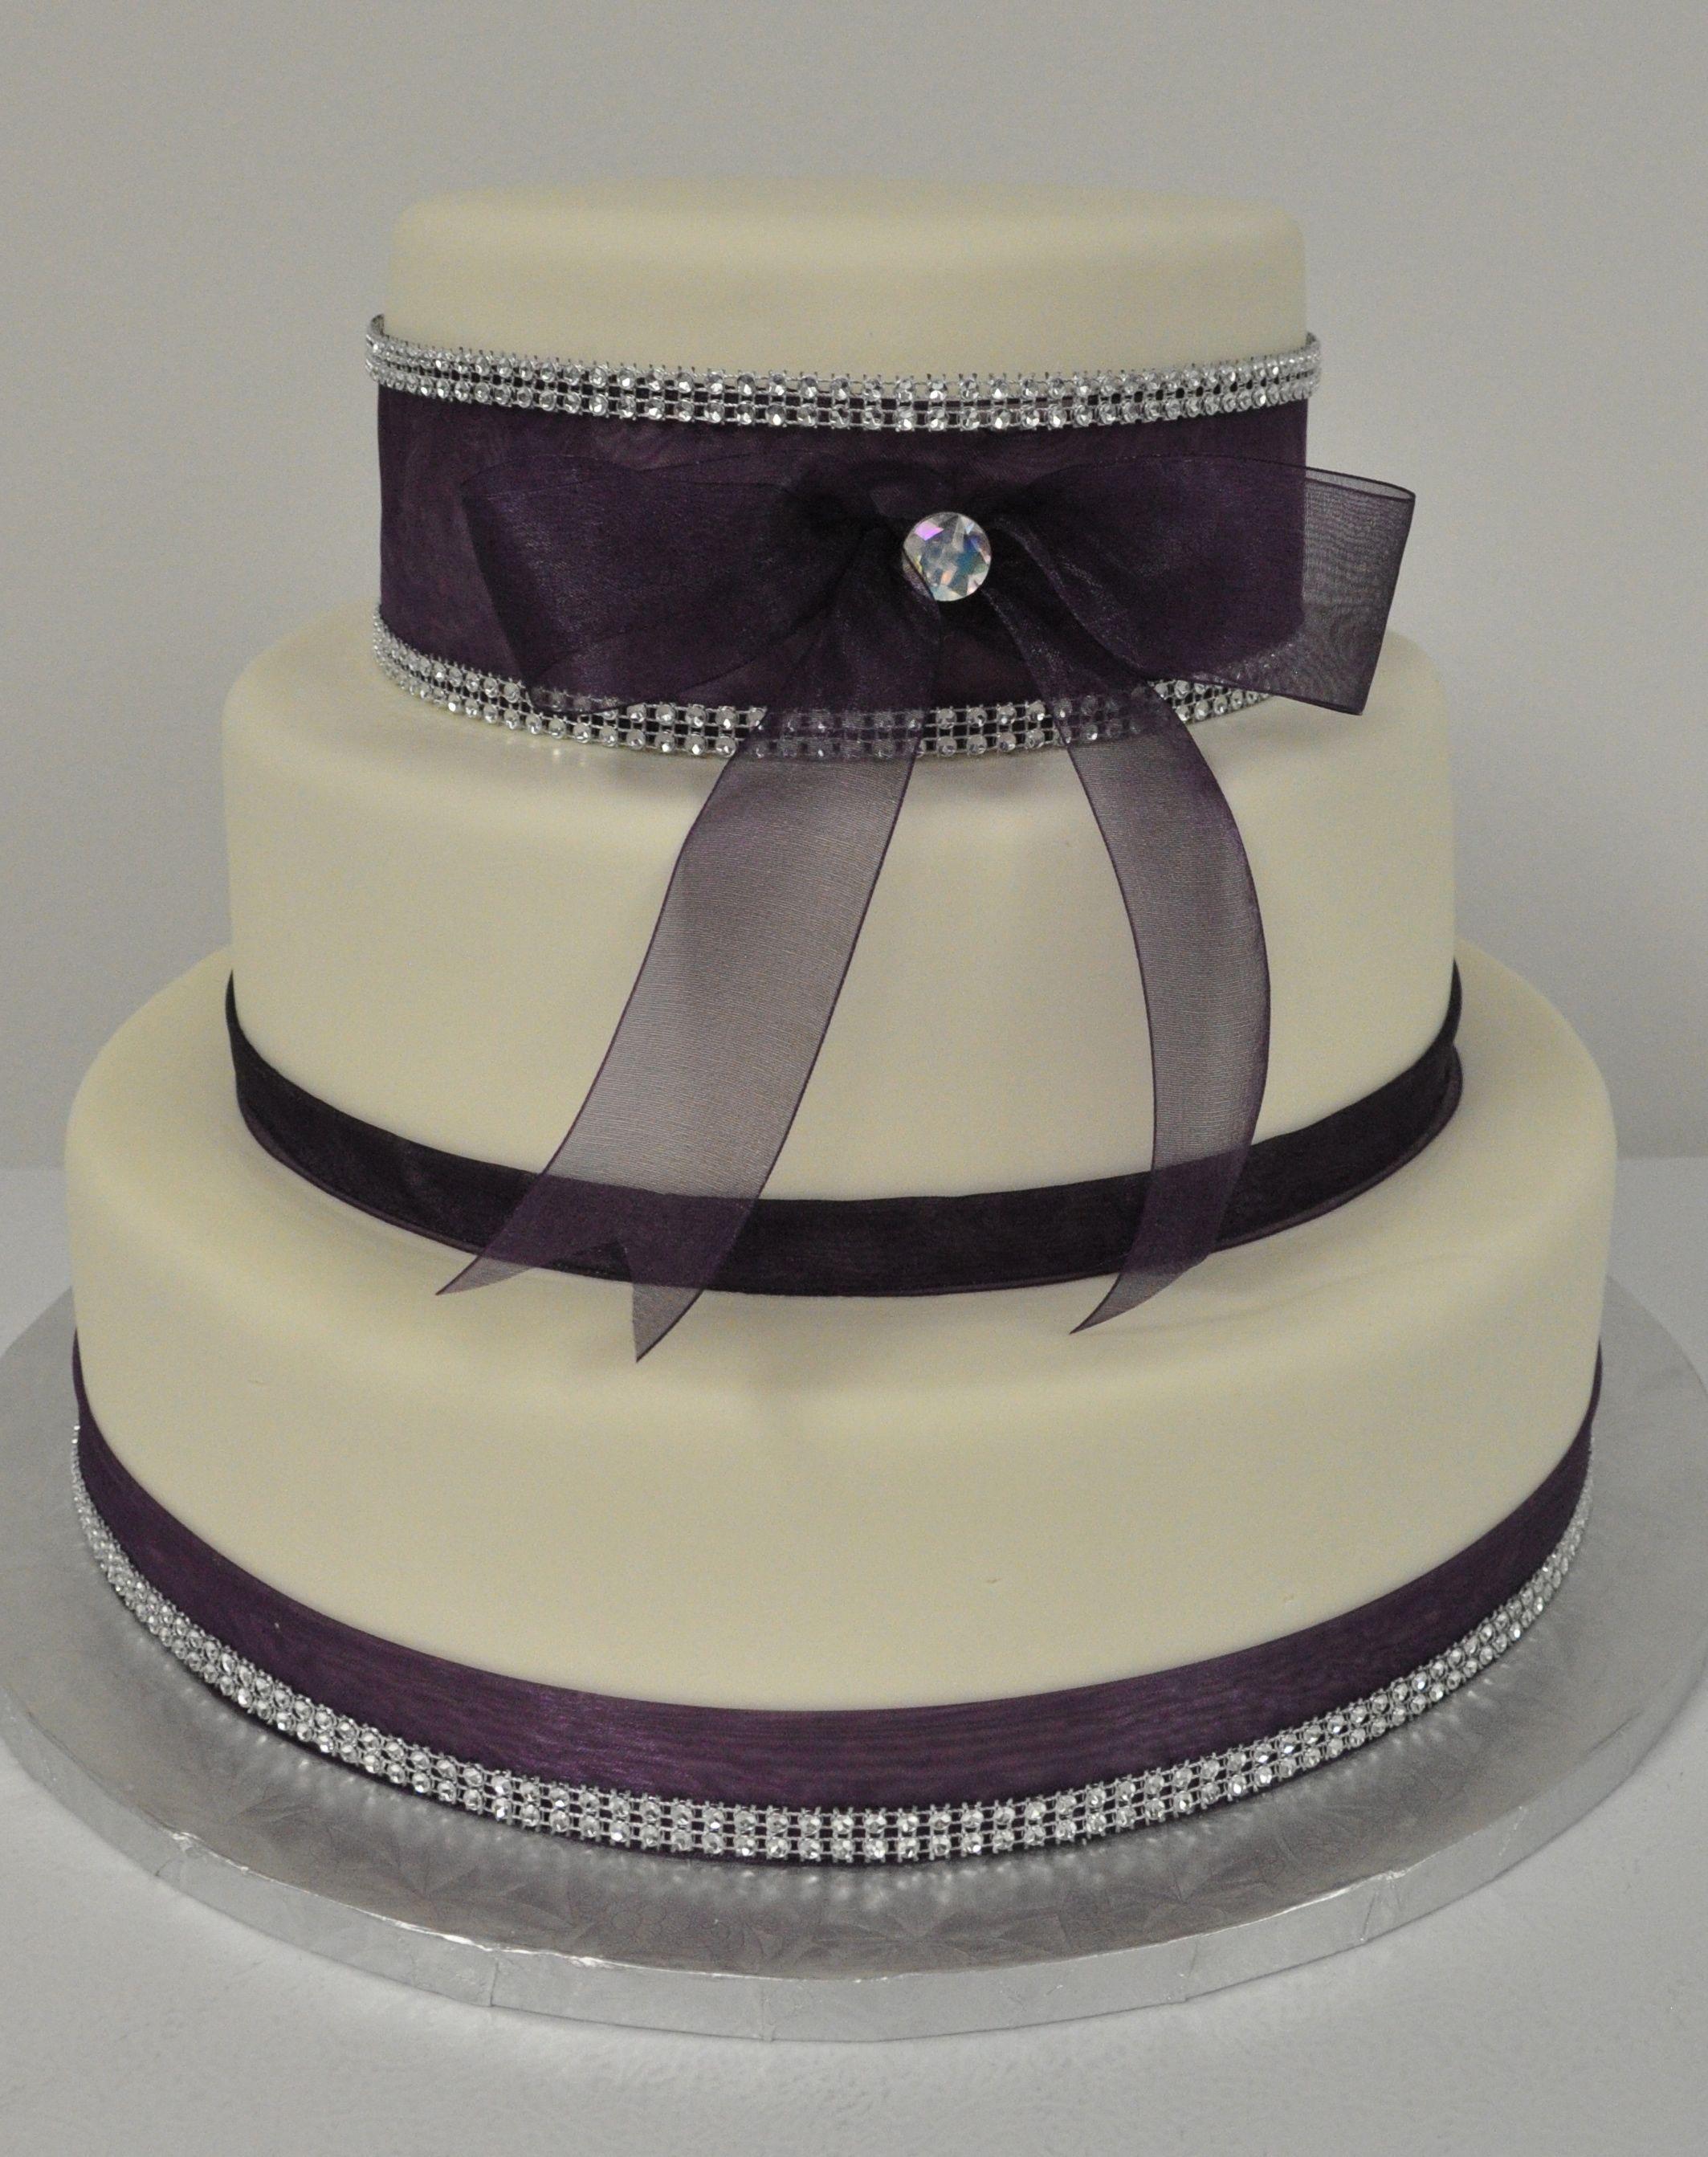 Wedding Cake with Fondant & Purple Ribbon. #weddingcake